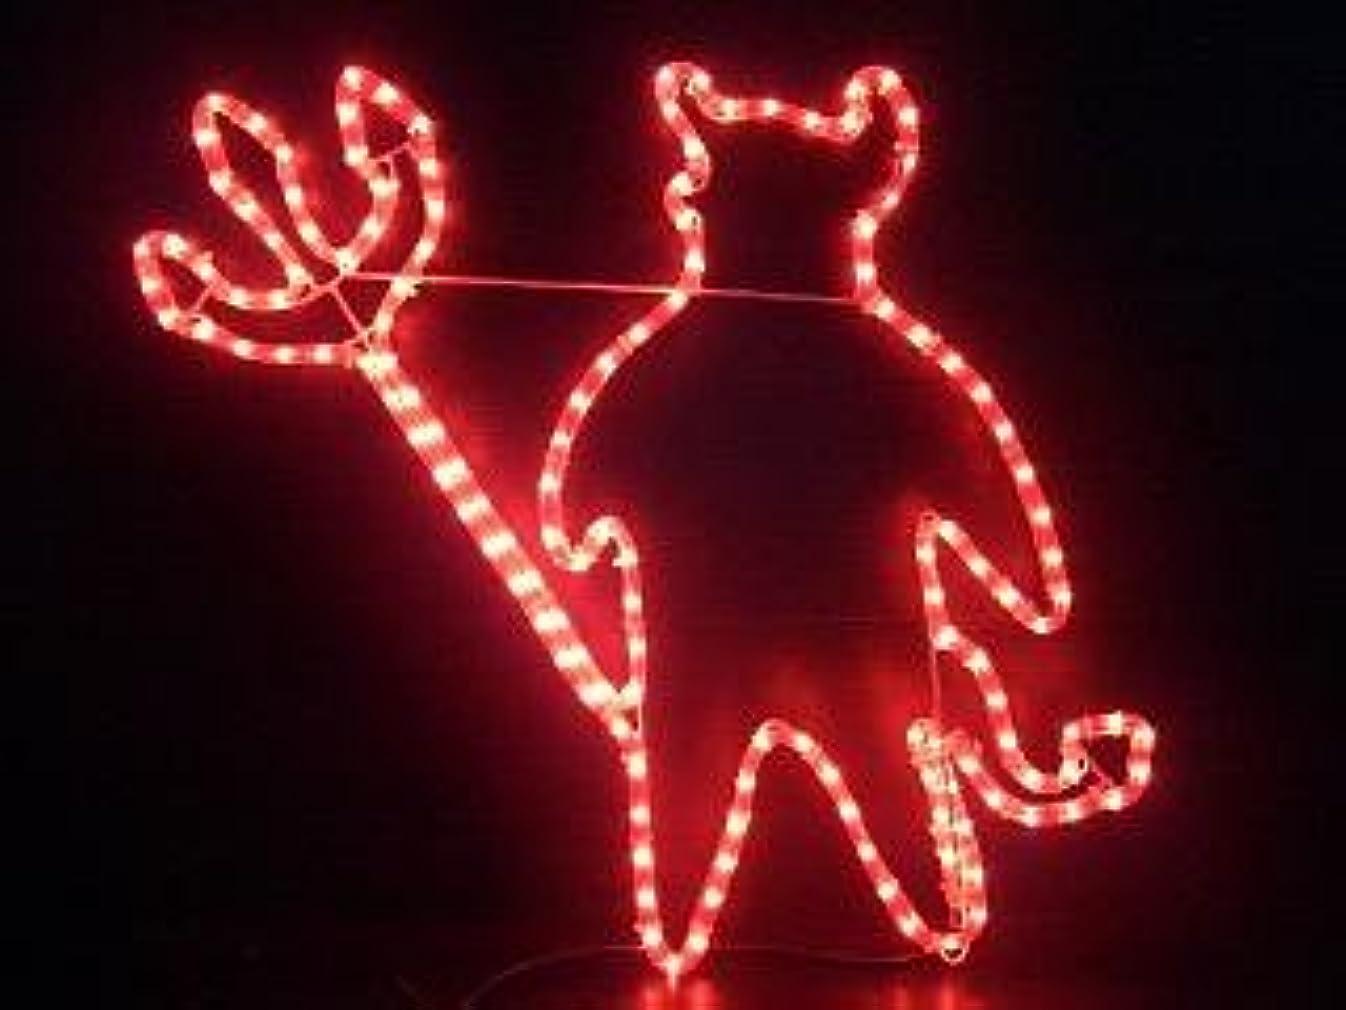 昼寝起こりやすいどこでもハロウィン イベント パーティー 小道具 悪魔 ハロウィーン イルミネーション 白熱球 デビル モチーフライト